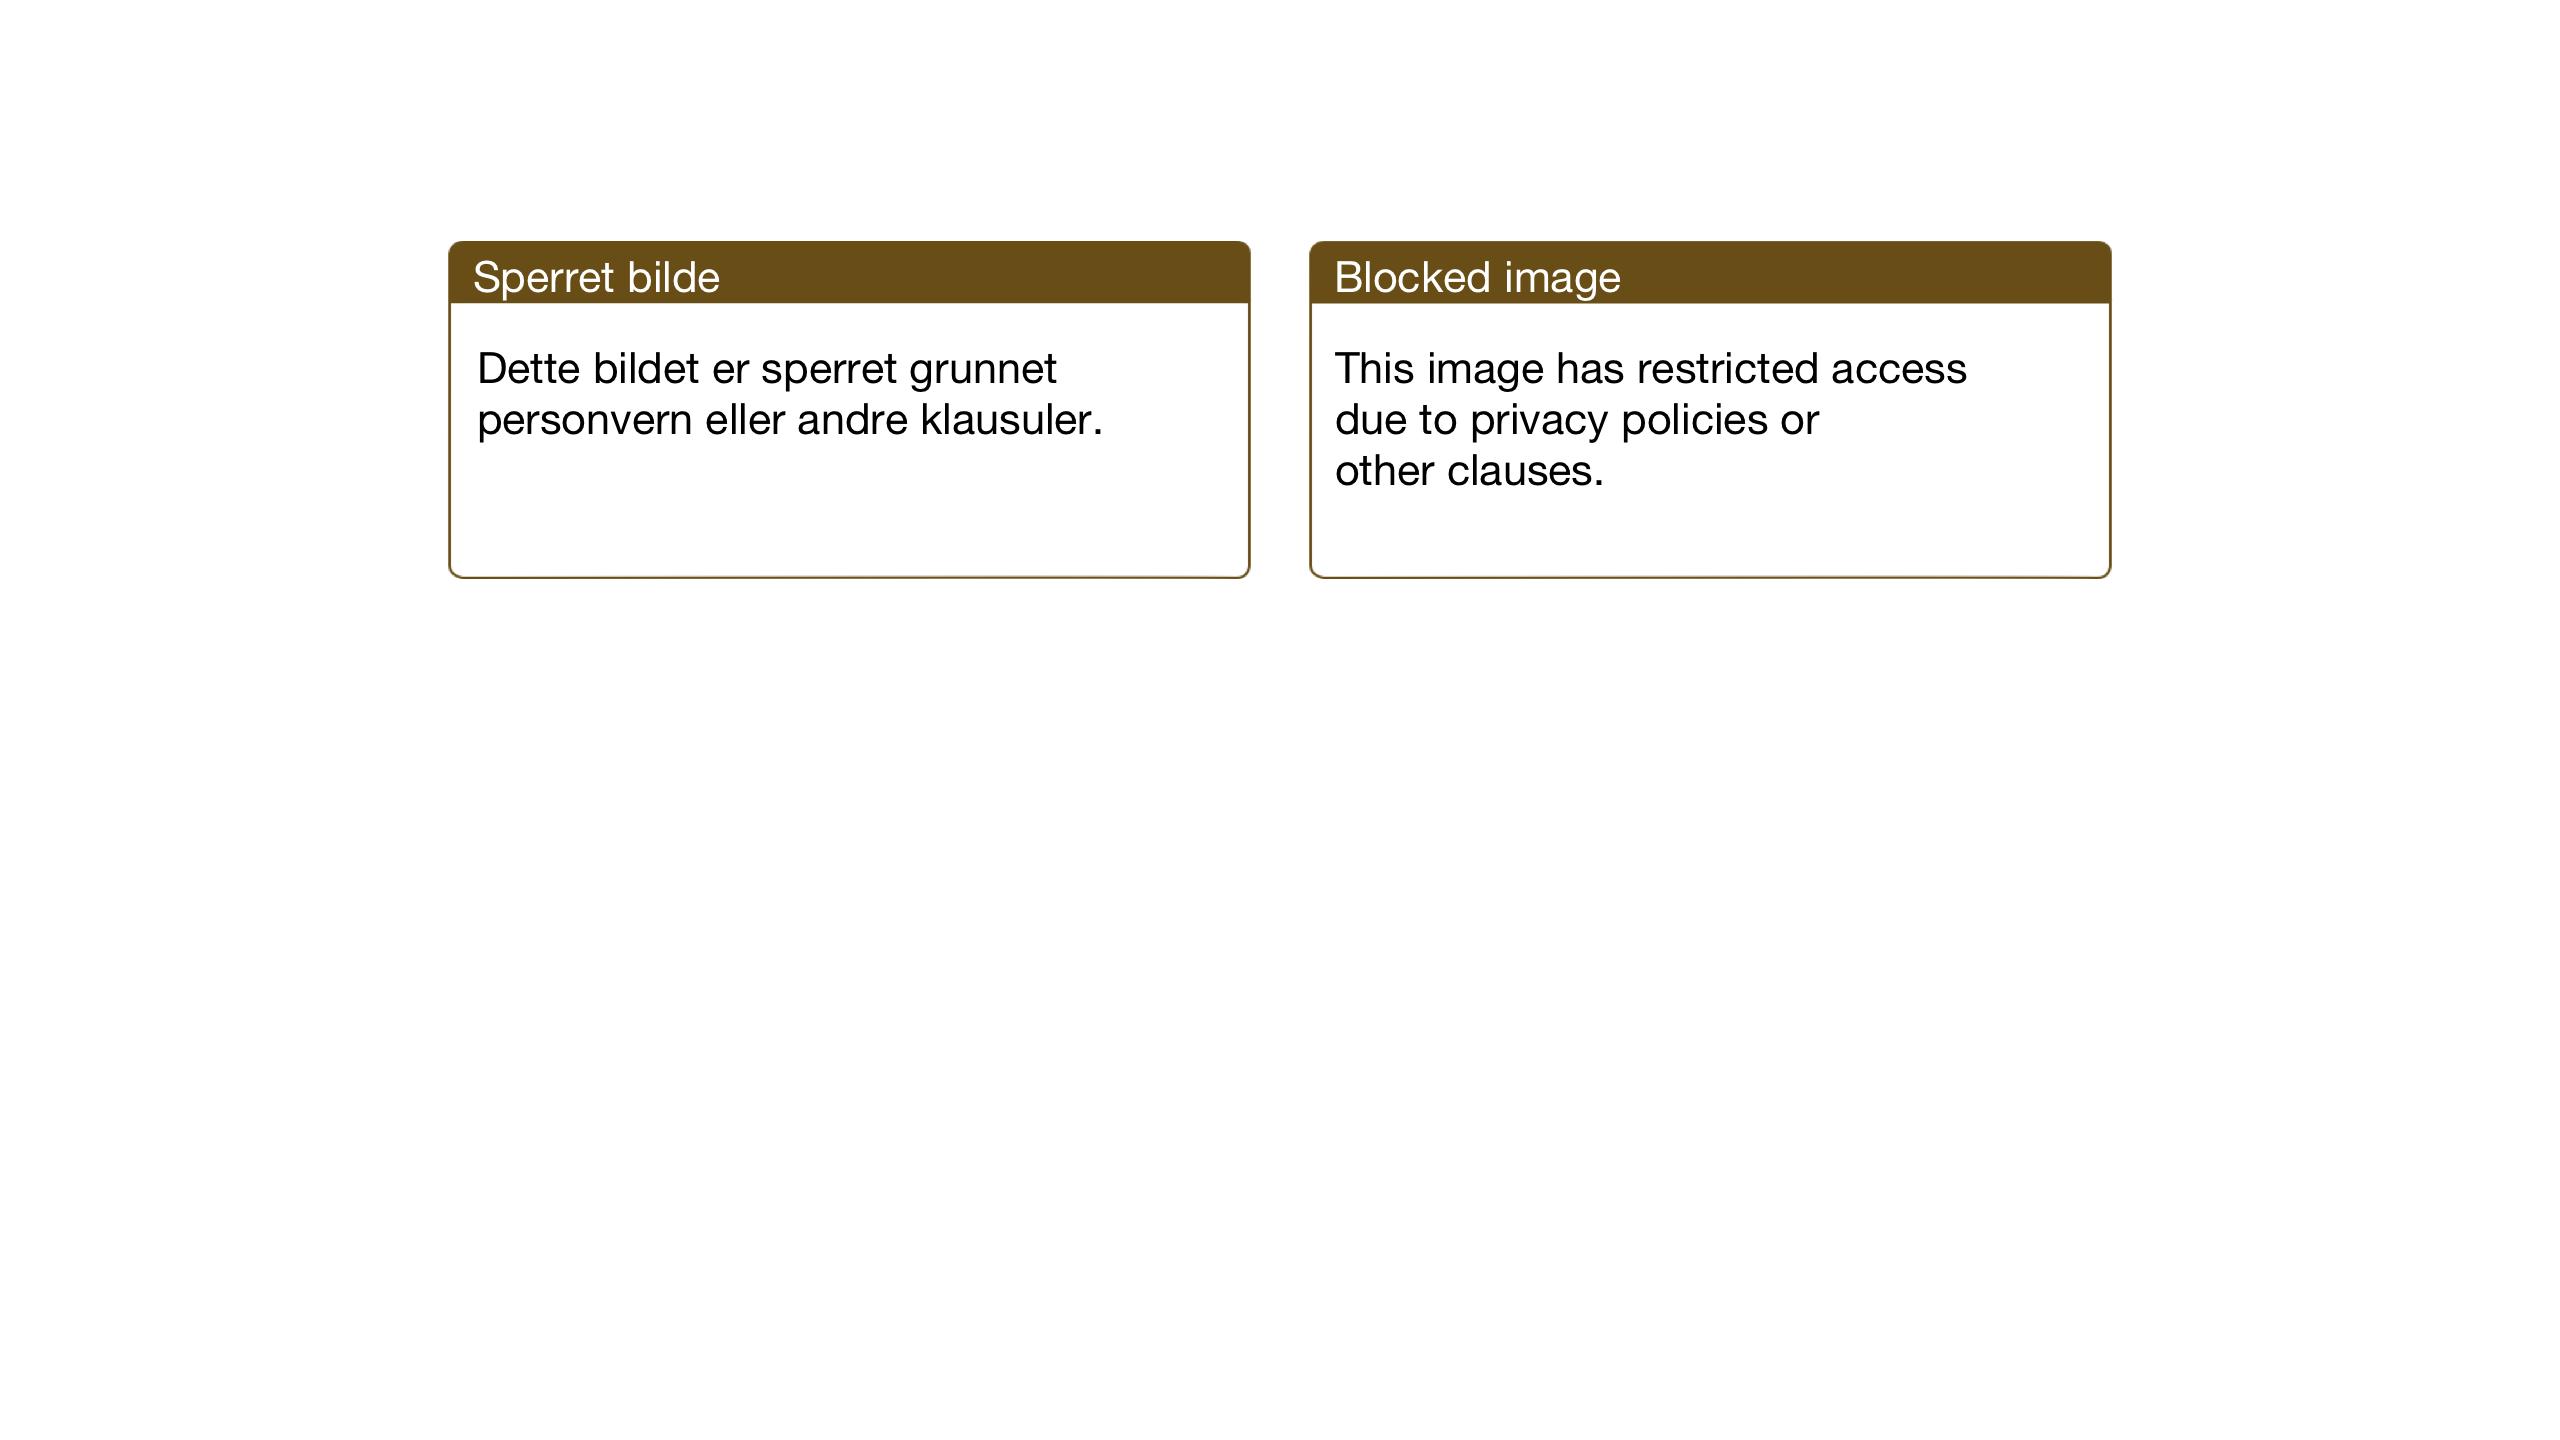 SAT, Ministerialprotokoller, klokkerbøker og fødselsregistre - Sør-Trøndelag, 698/L1169: Klokkerbok nr. 698C06, 1930-1949, s. 93